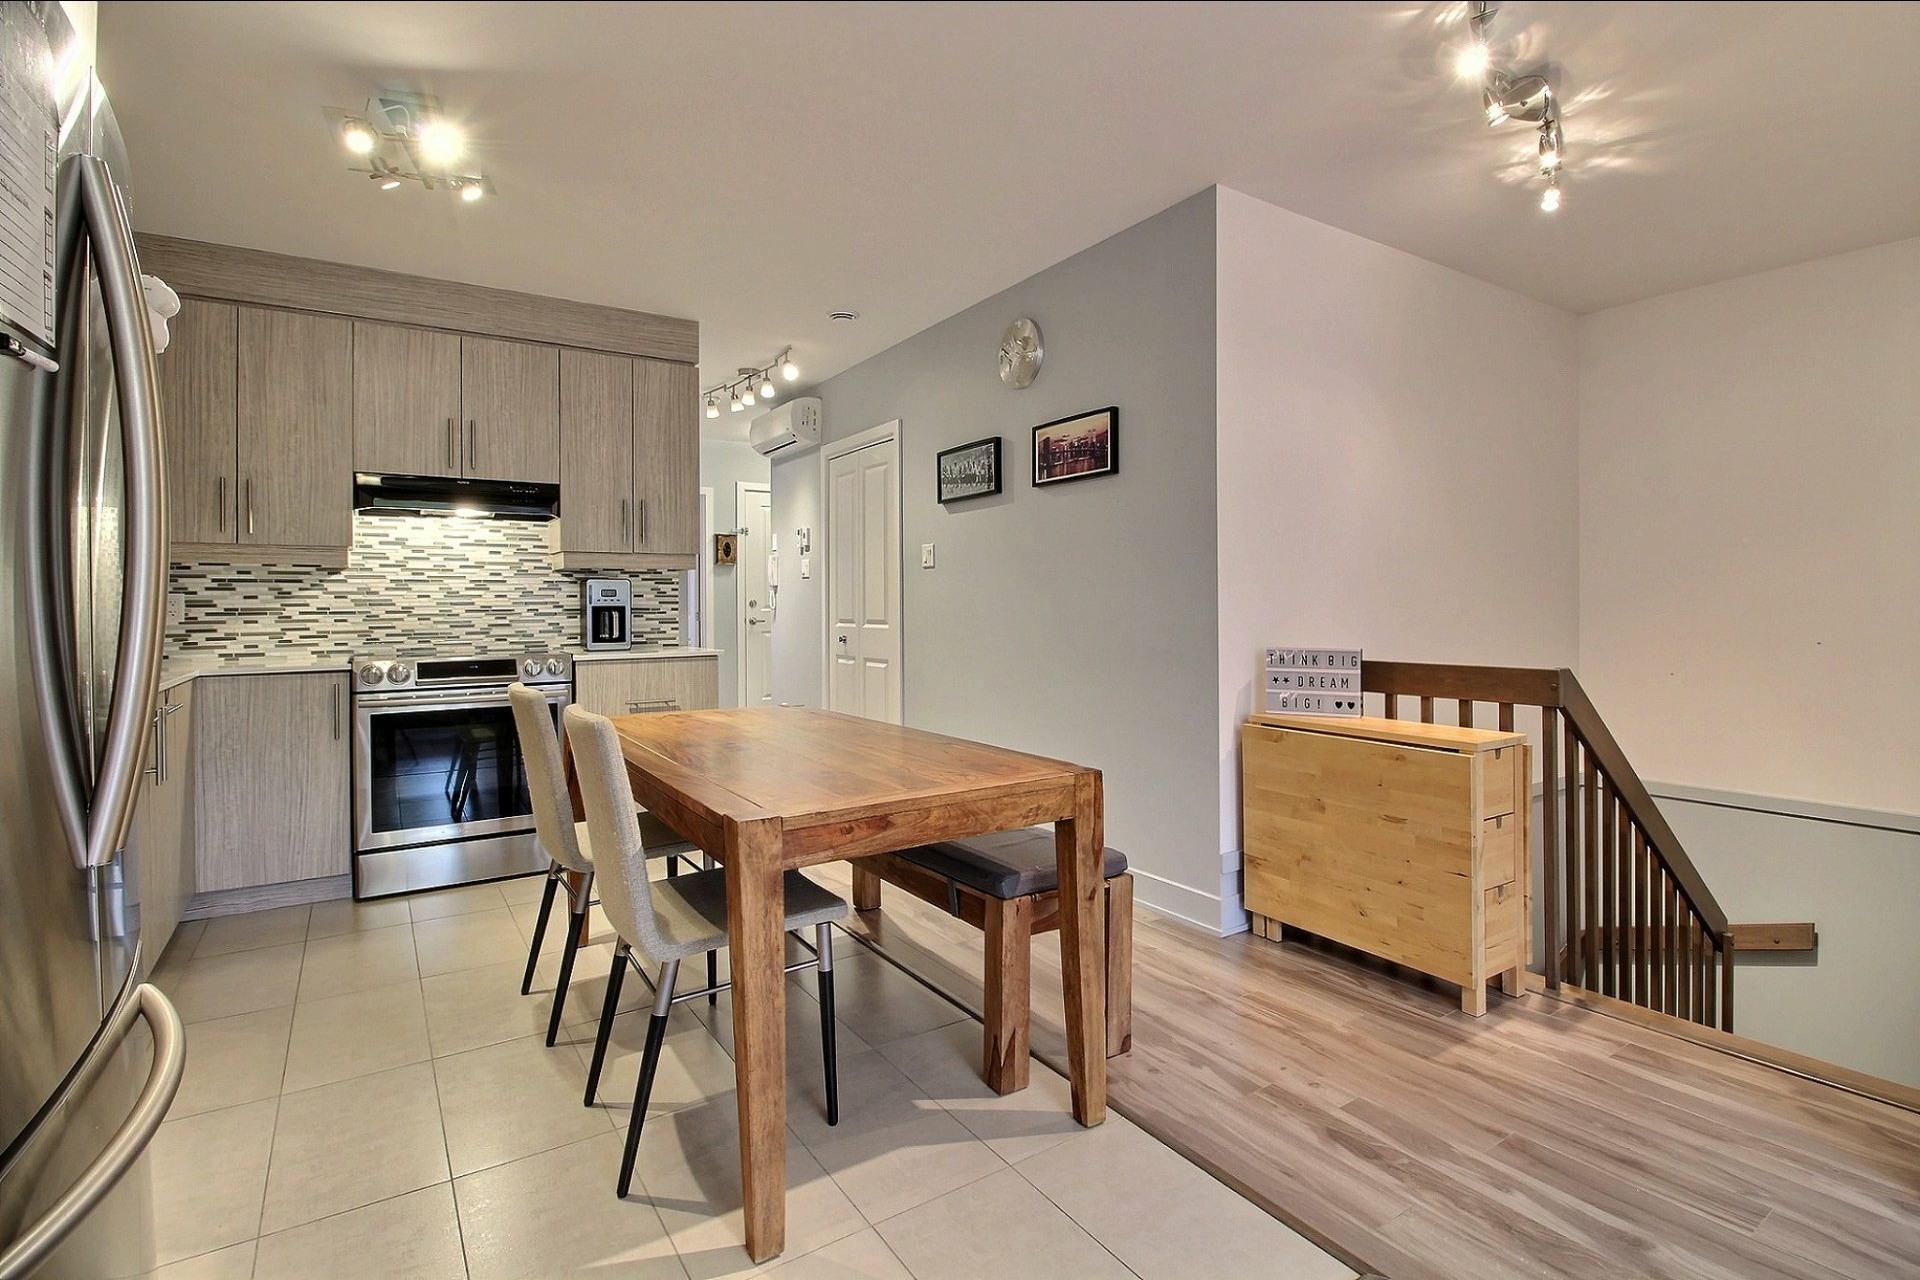 image 5 - Apartment For sale Montréal Le Sud-Ouest  - 8 rooms